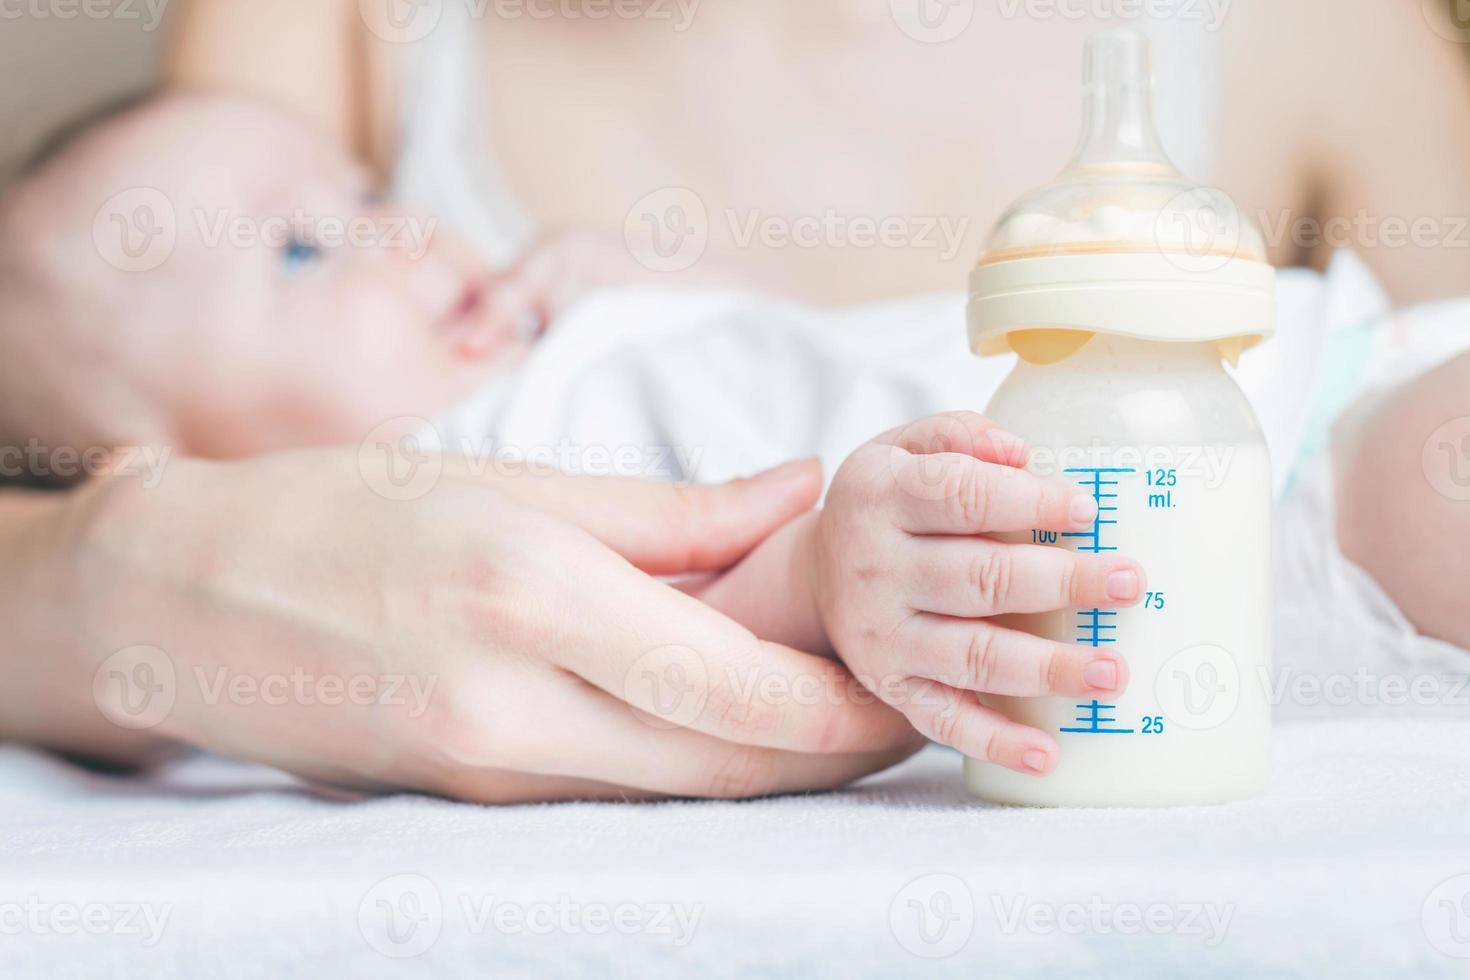 bebê segurando uma mamadeira com leite materno foto